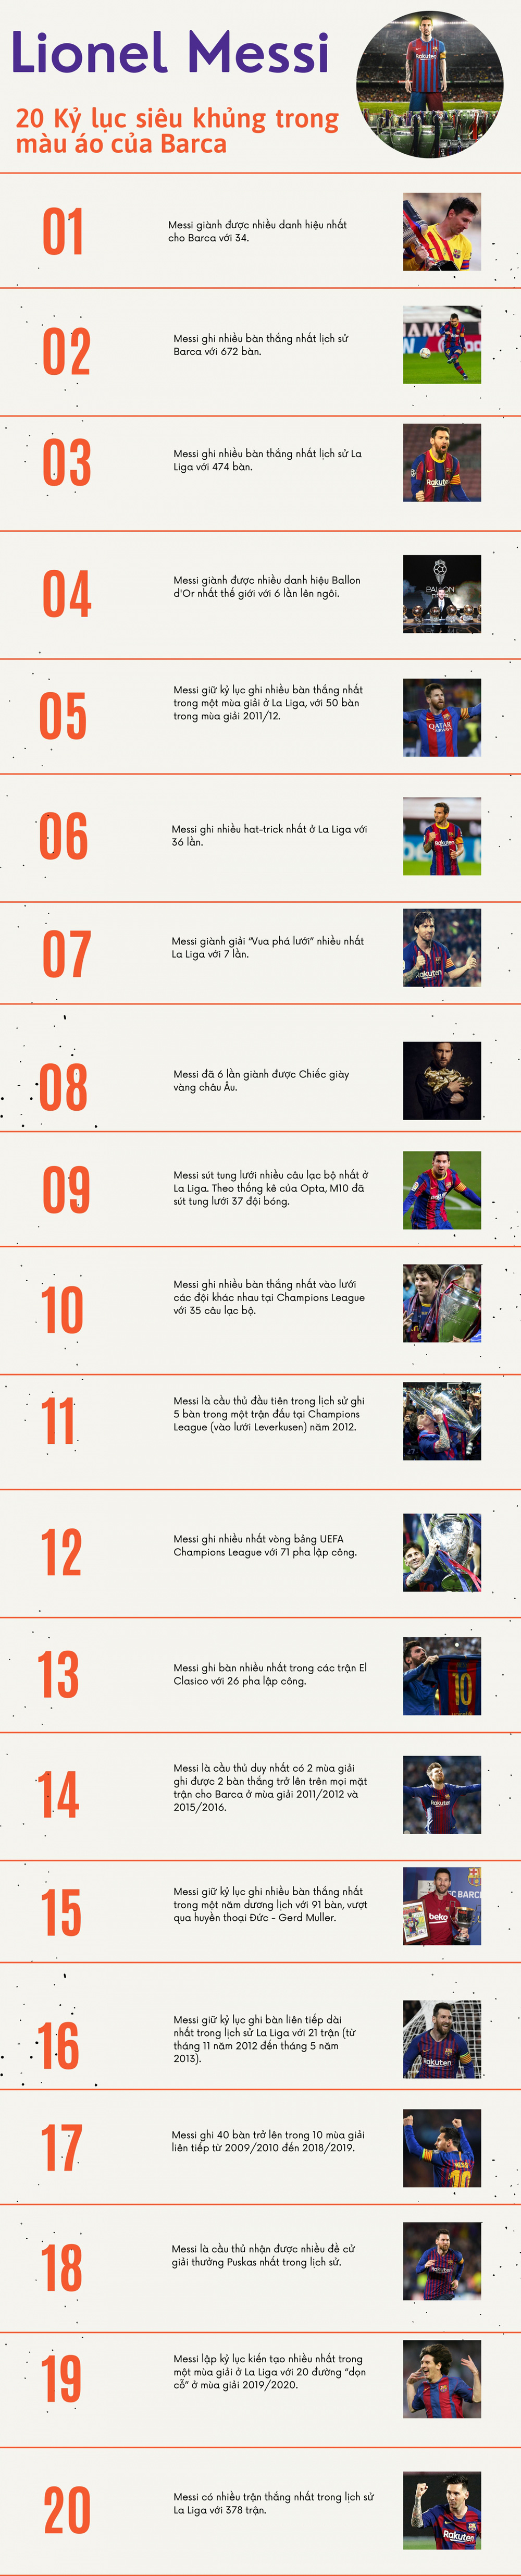 """20 kỷ lục """"siêu khủng"""" của Messi trong màu áo Barca - Ảnh 1."""